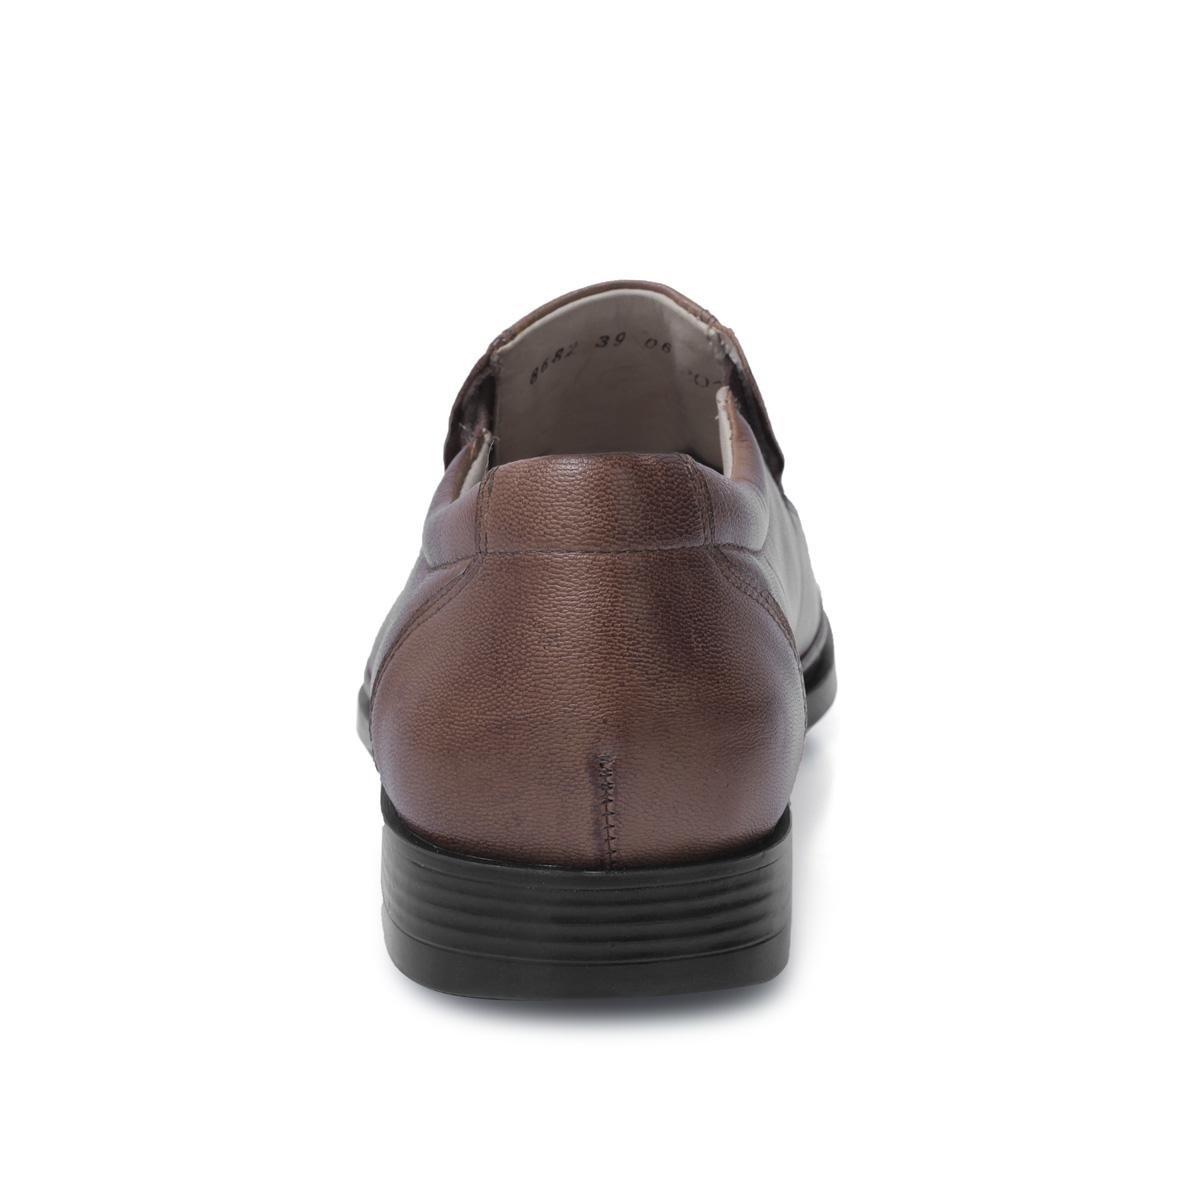 8c4813c1b ... Sapato 100% Couro Riber Shoes Elastico Anti-Stress Masculino ...